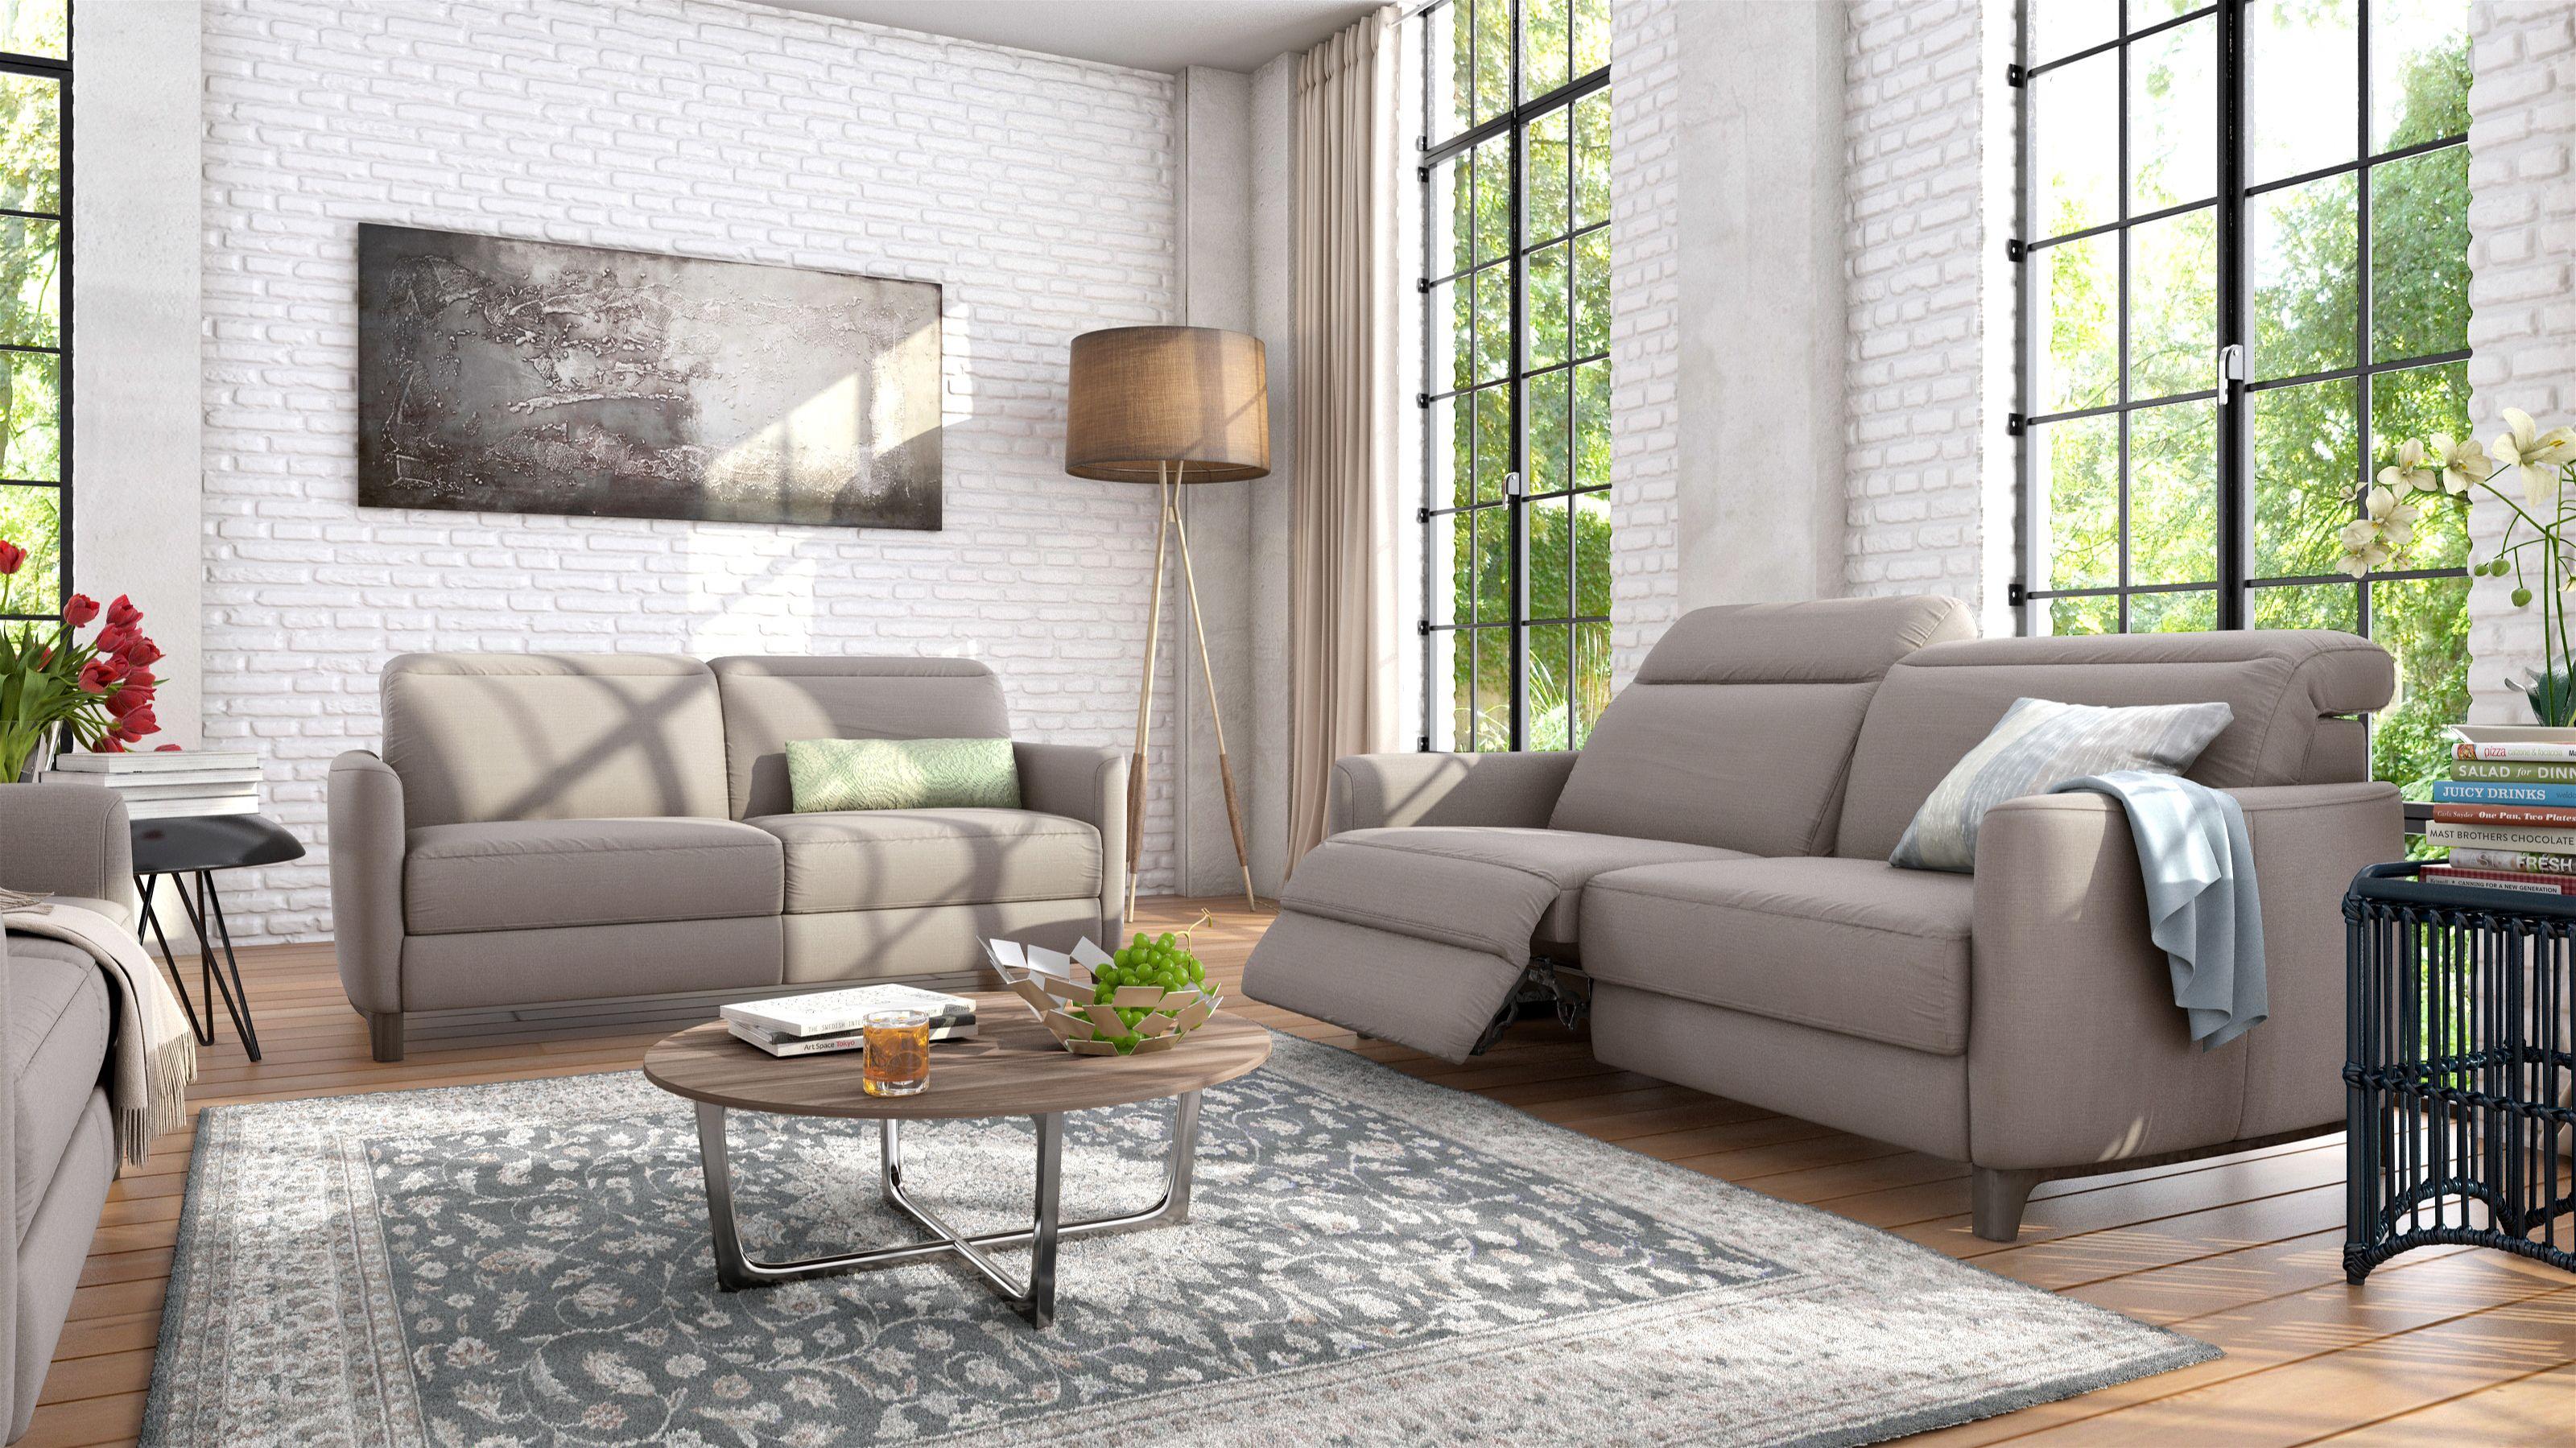 ROM Bellona Sofa 200 Living room Pinterest